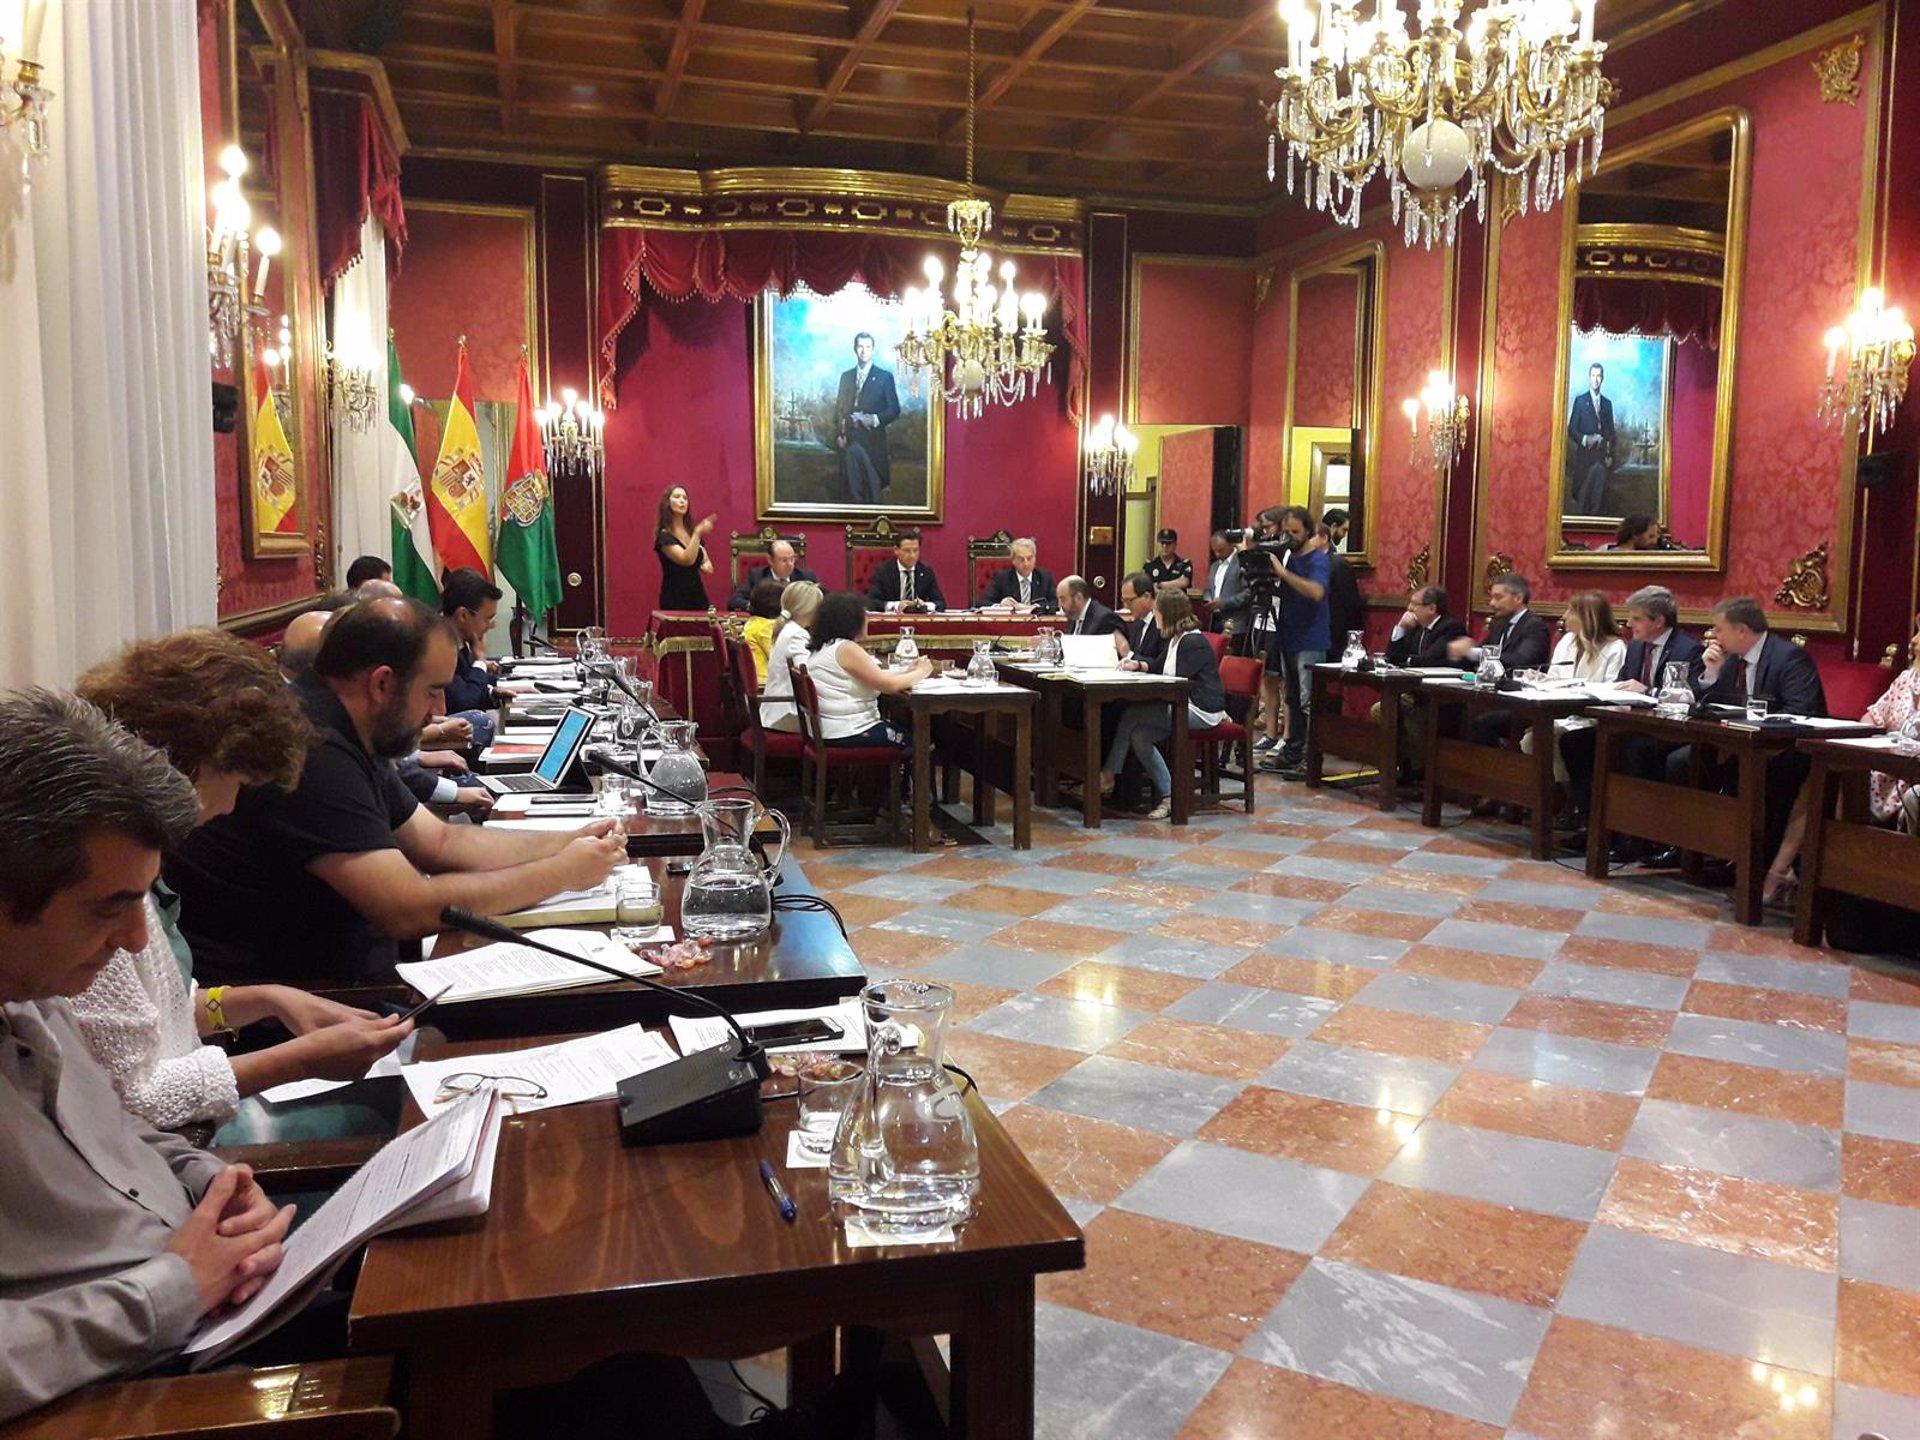 VOX provoca la indignación de la izquierda en el ayuntamiento al comparar al gobierno con ETA